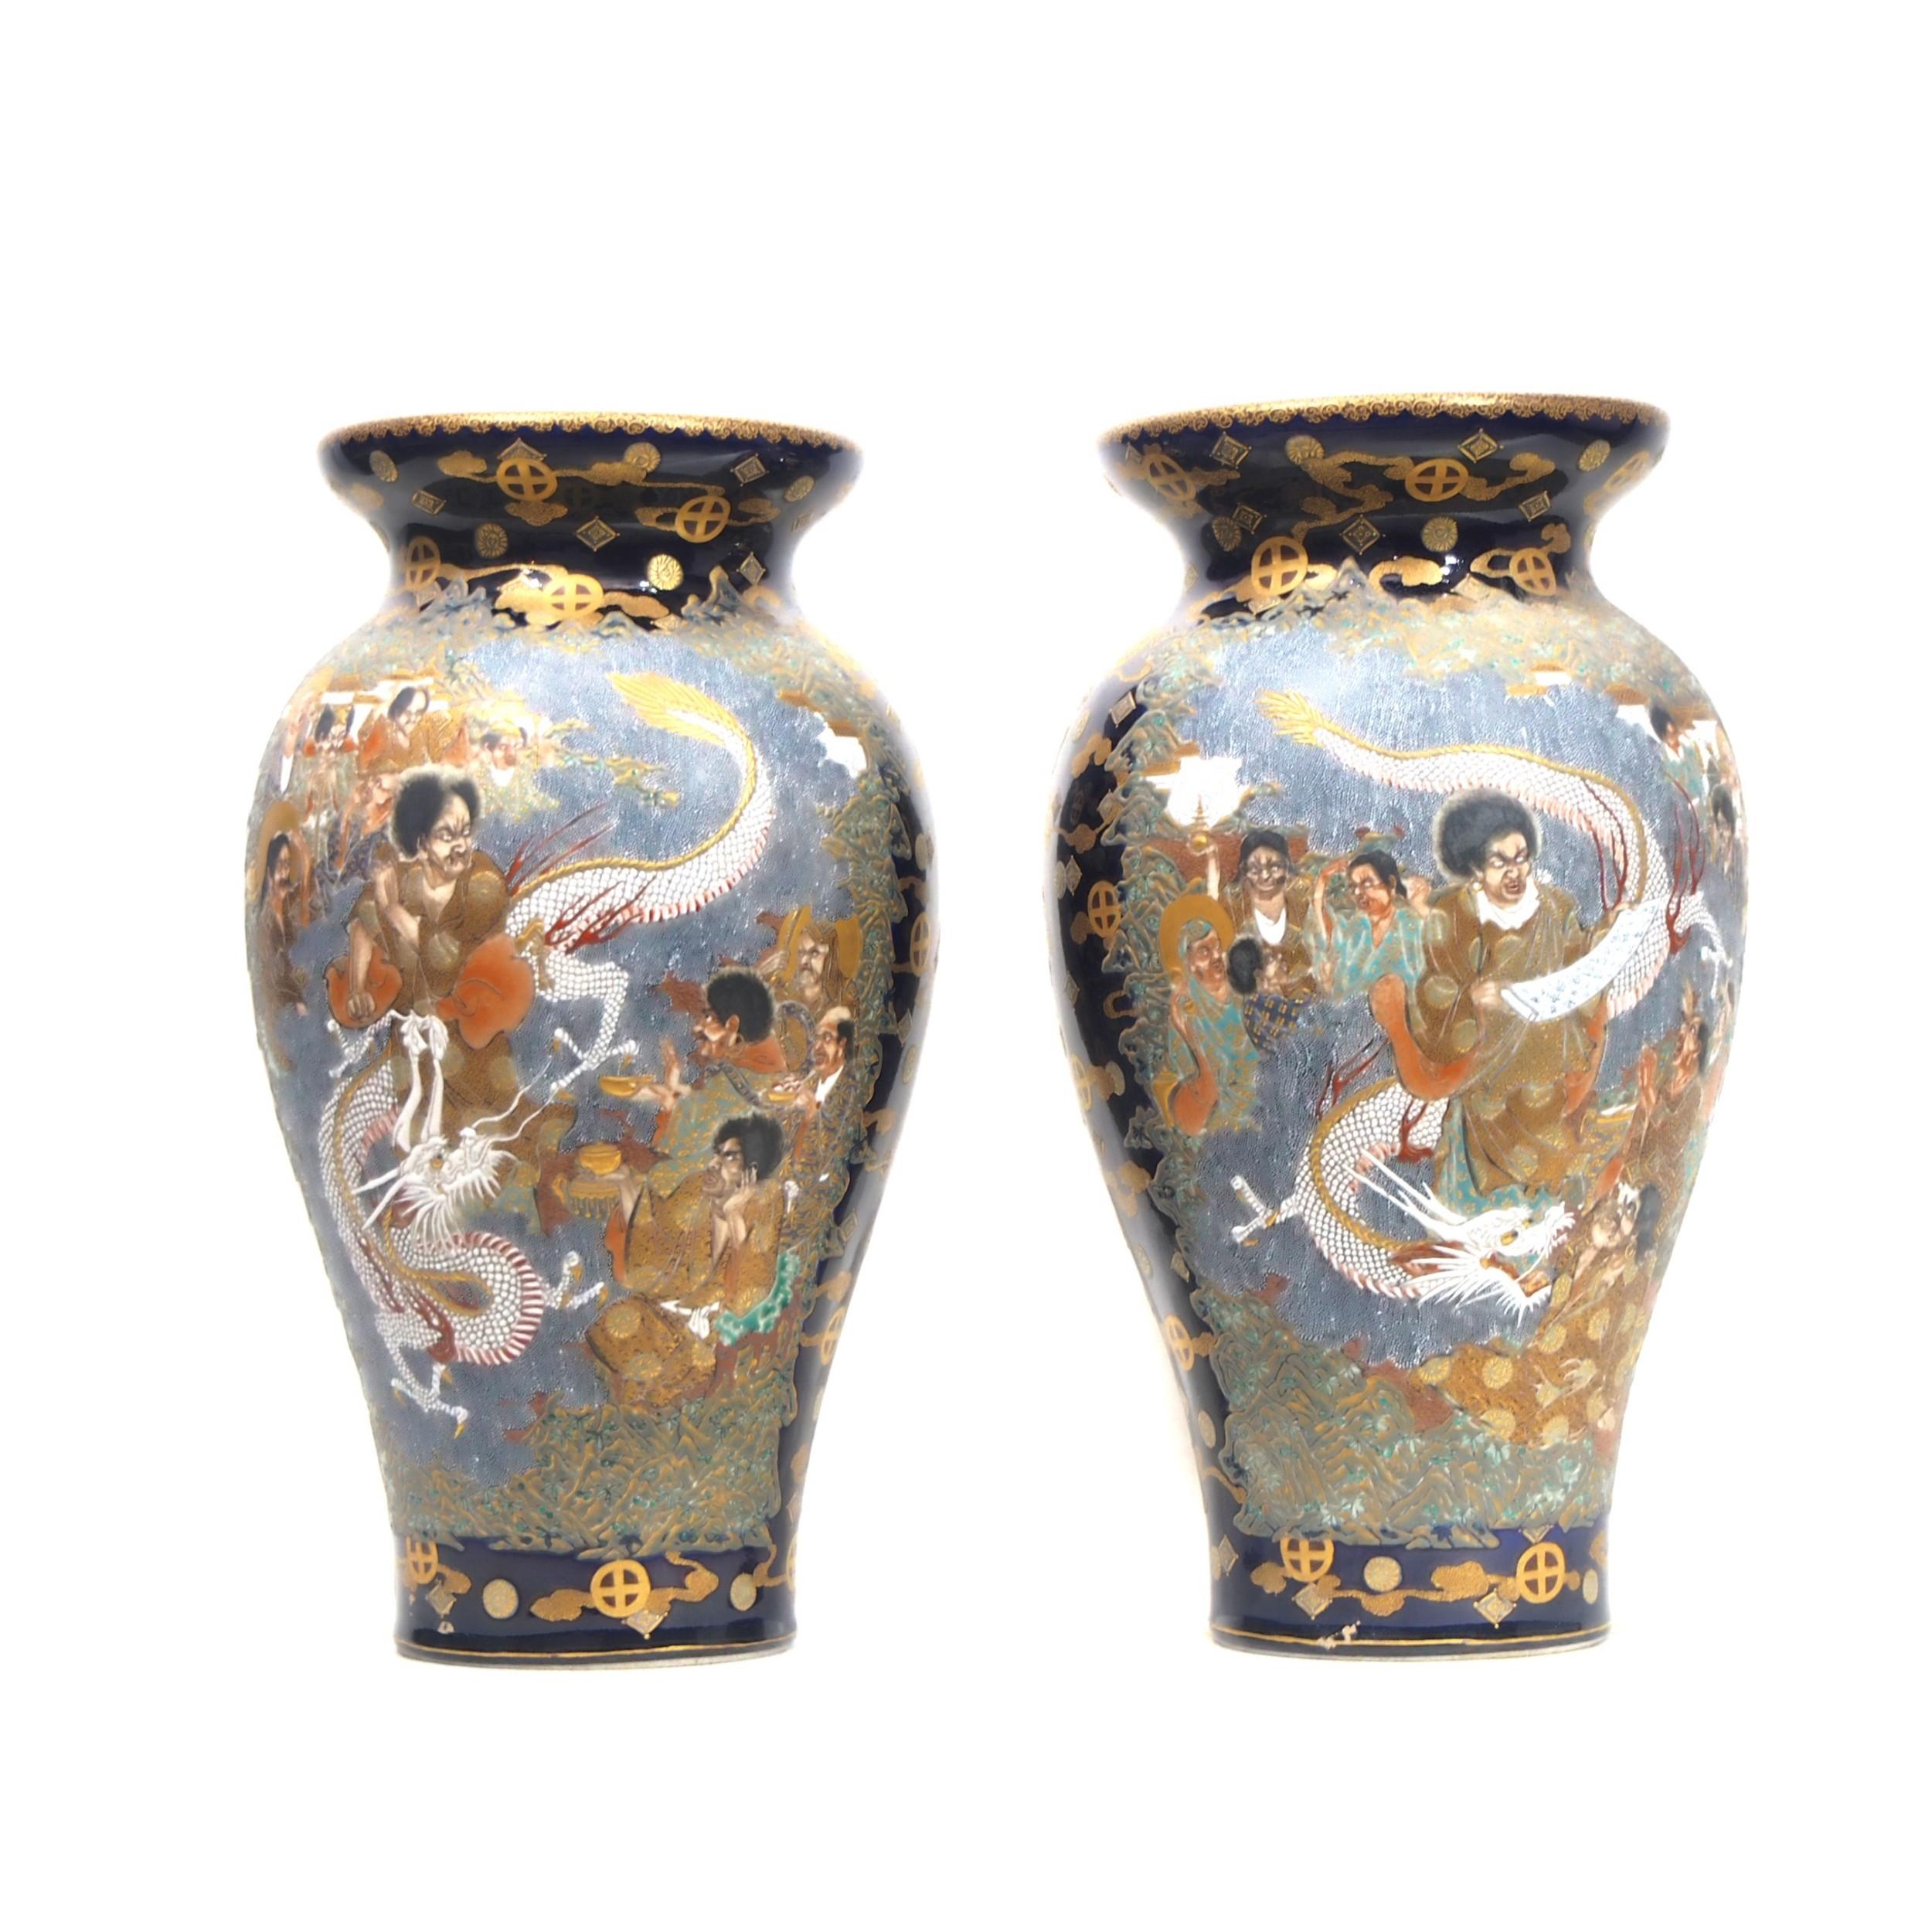 japanese satsuma vase with dragon decoration